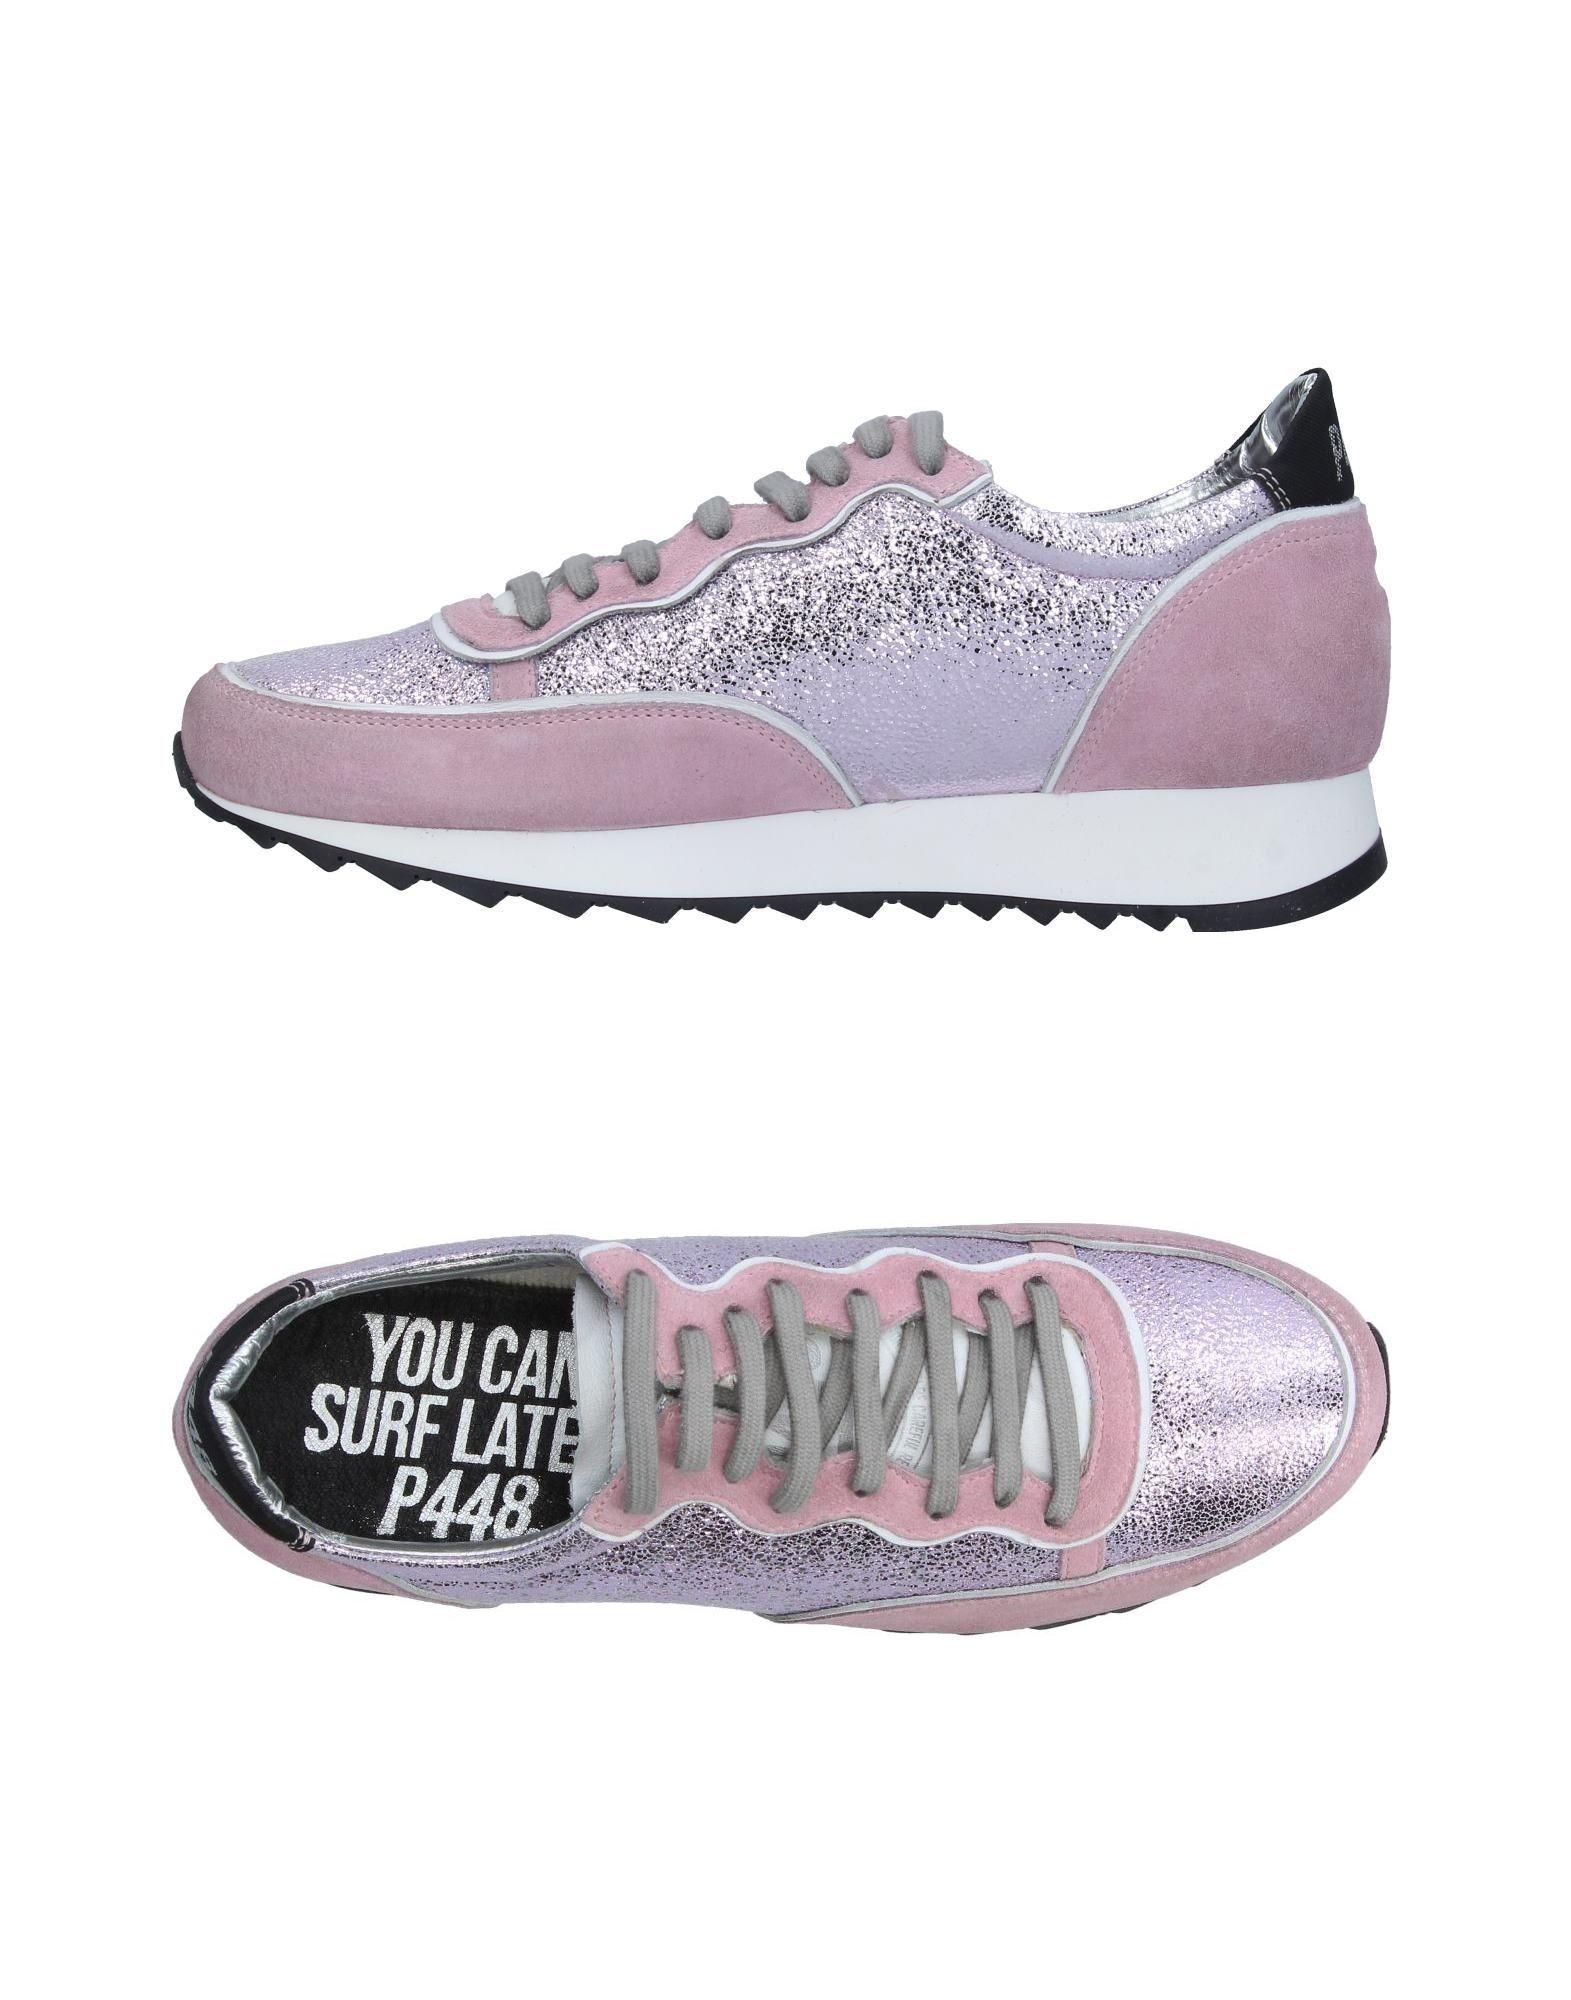 P448 Sneakers Damen  11339041VW Gute Qualität beliebte Schuhe